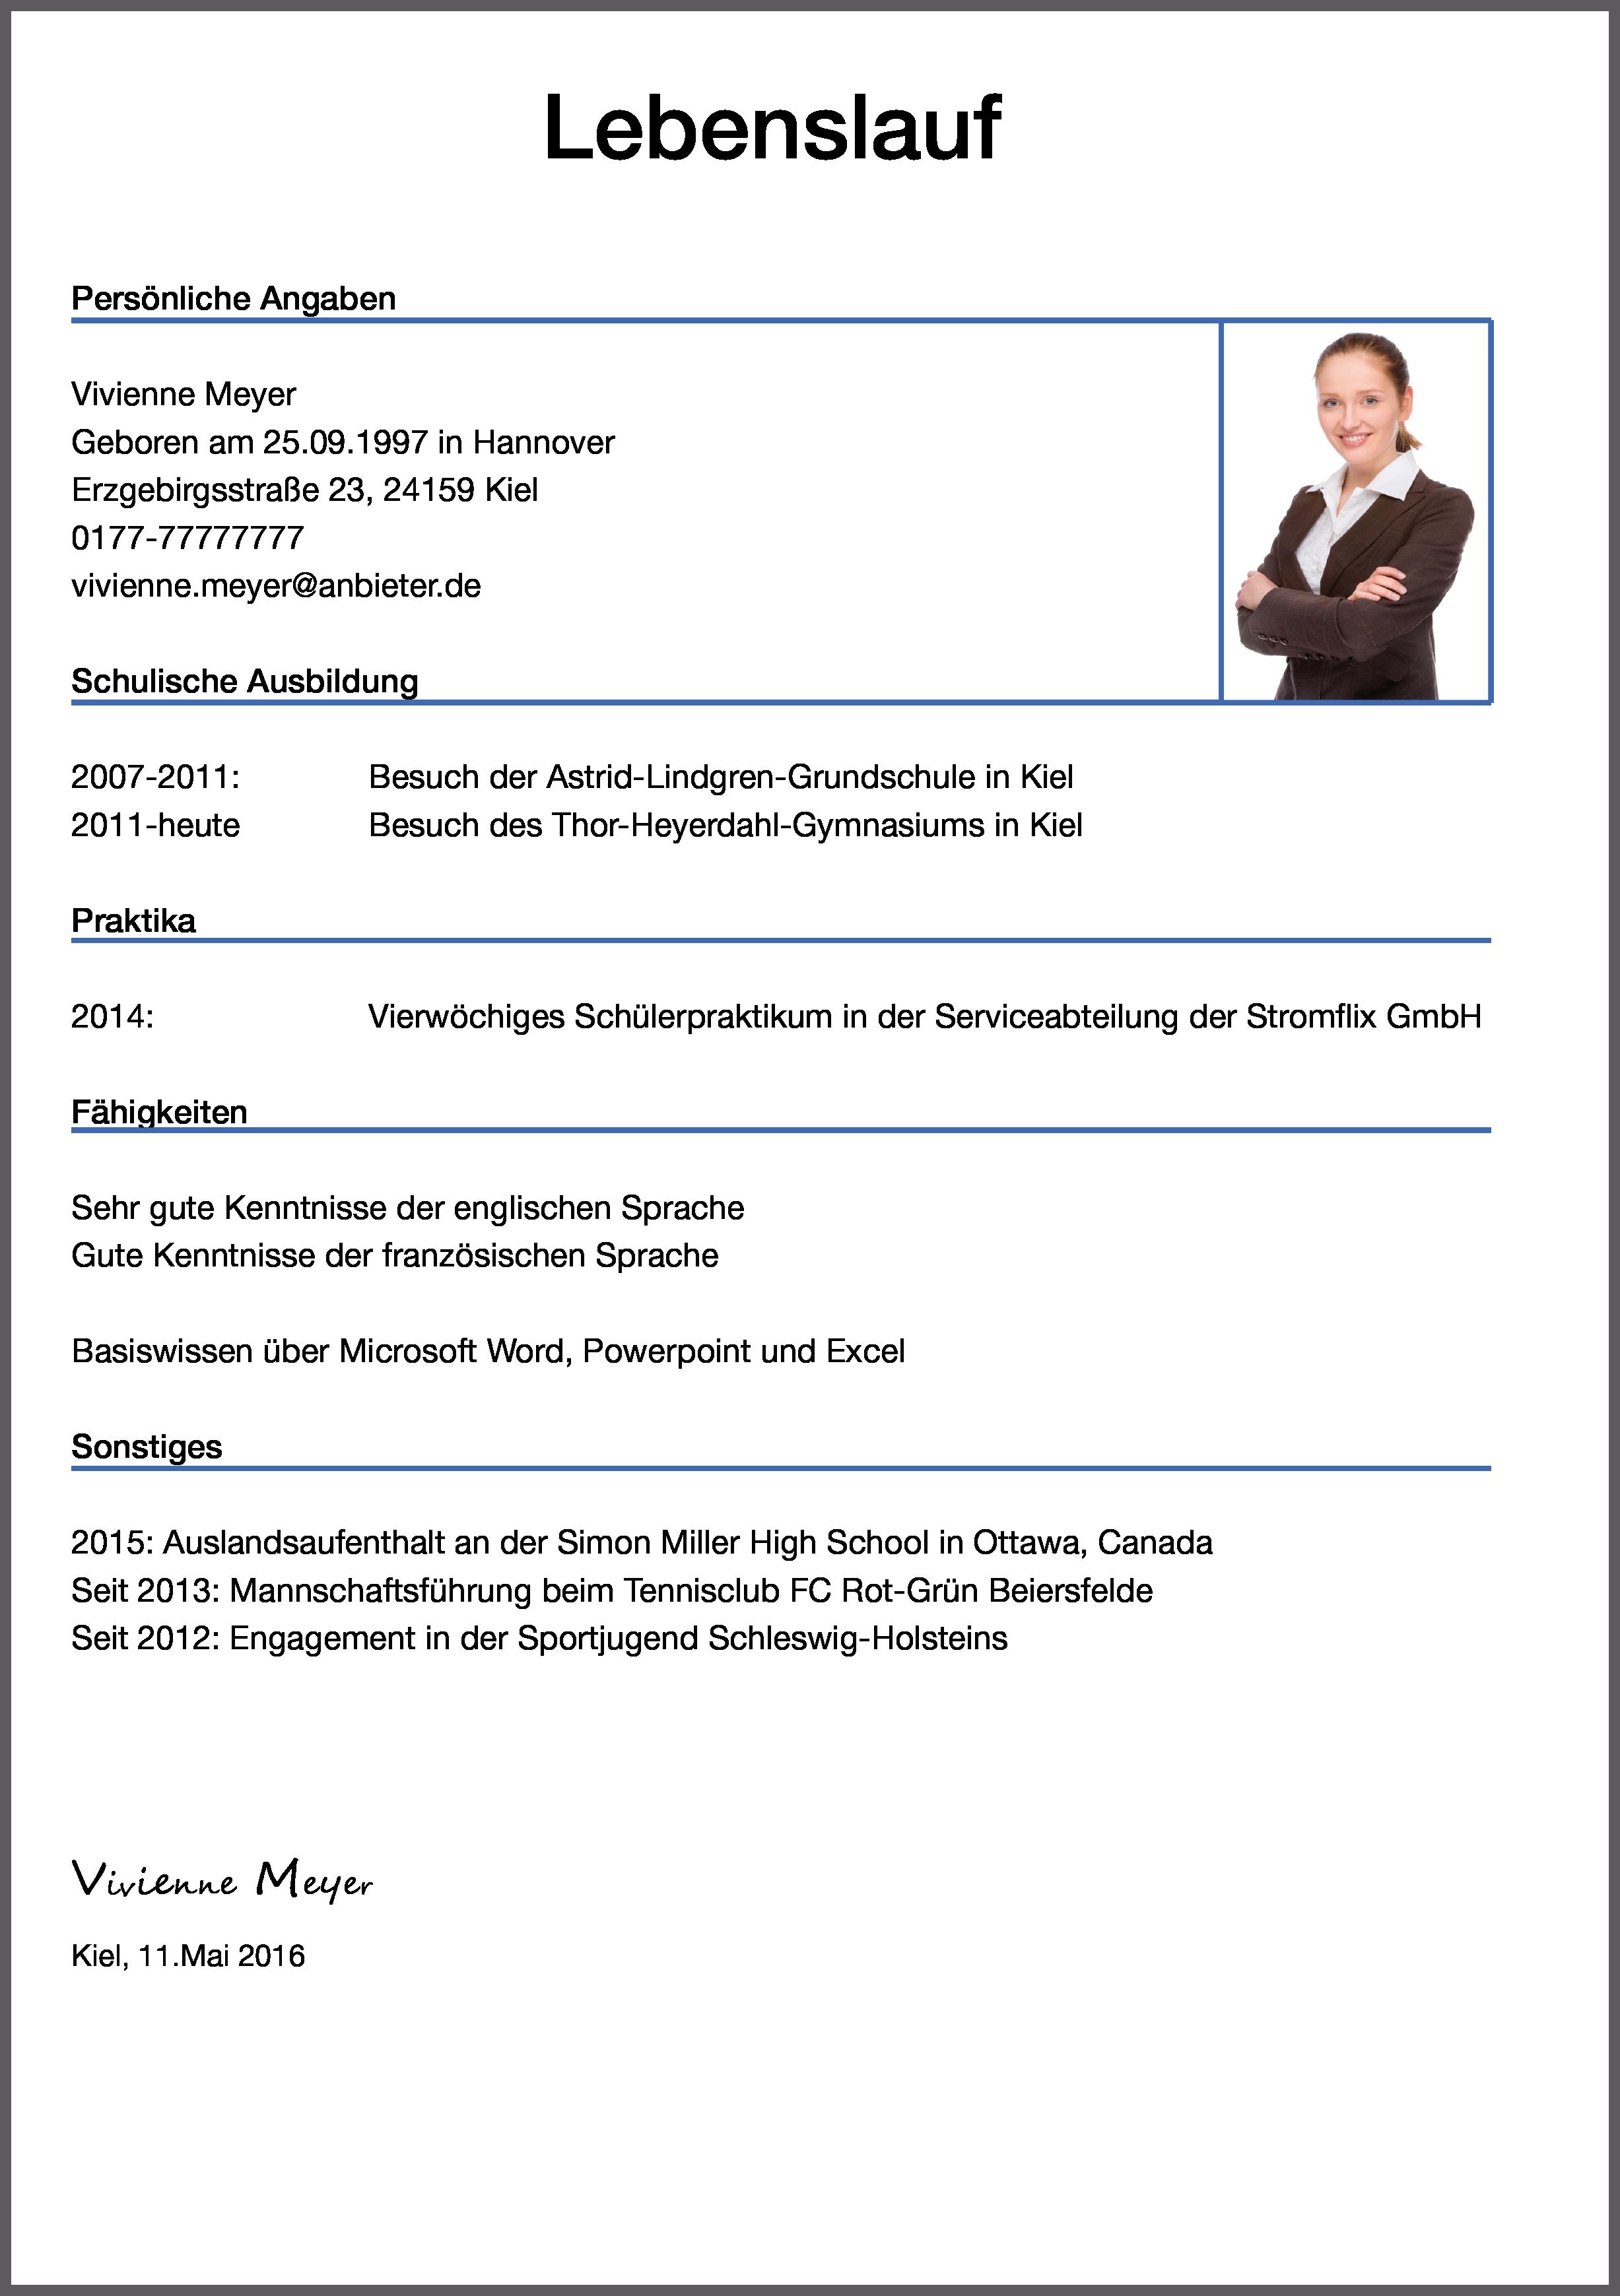 Lebenslauf Beruf  Lebenslauf Beispiel. Handgeschriebener Lebenslauf In Aufsatzform Einbuergerung. Lebenslauf Per Handy Erstellen. Lebenslauf Angaben Hobbys. Lebenslauf Englisch Redewendungen. Lebenslauf Duales Studium Bwl. Lebenslauf Gestaltung Word. Beispiel Lebenslauf Trauerfeier. Lebenslauf Tabellarisch Oder Ausfuehrlich